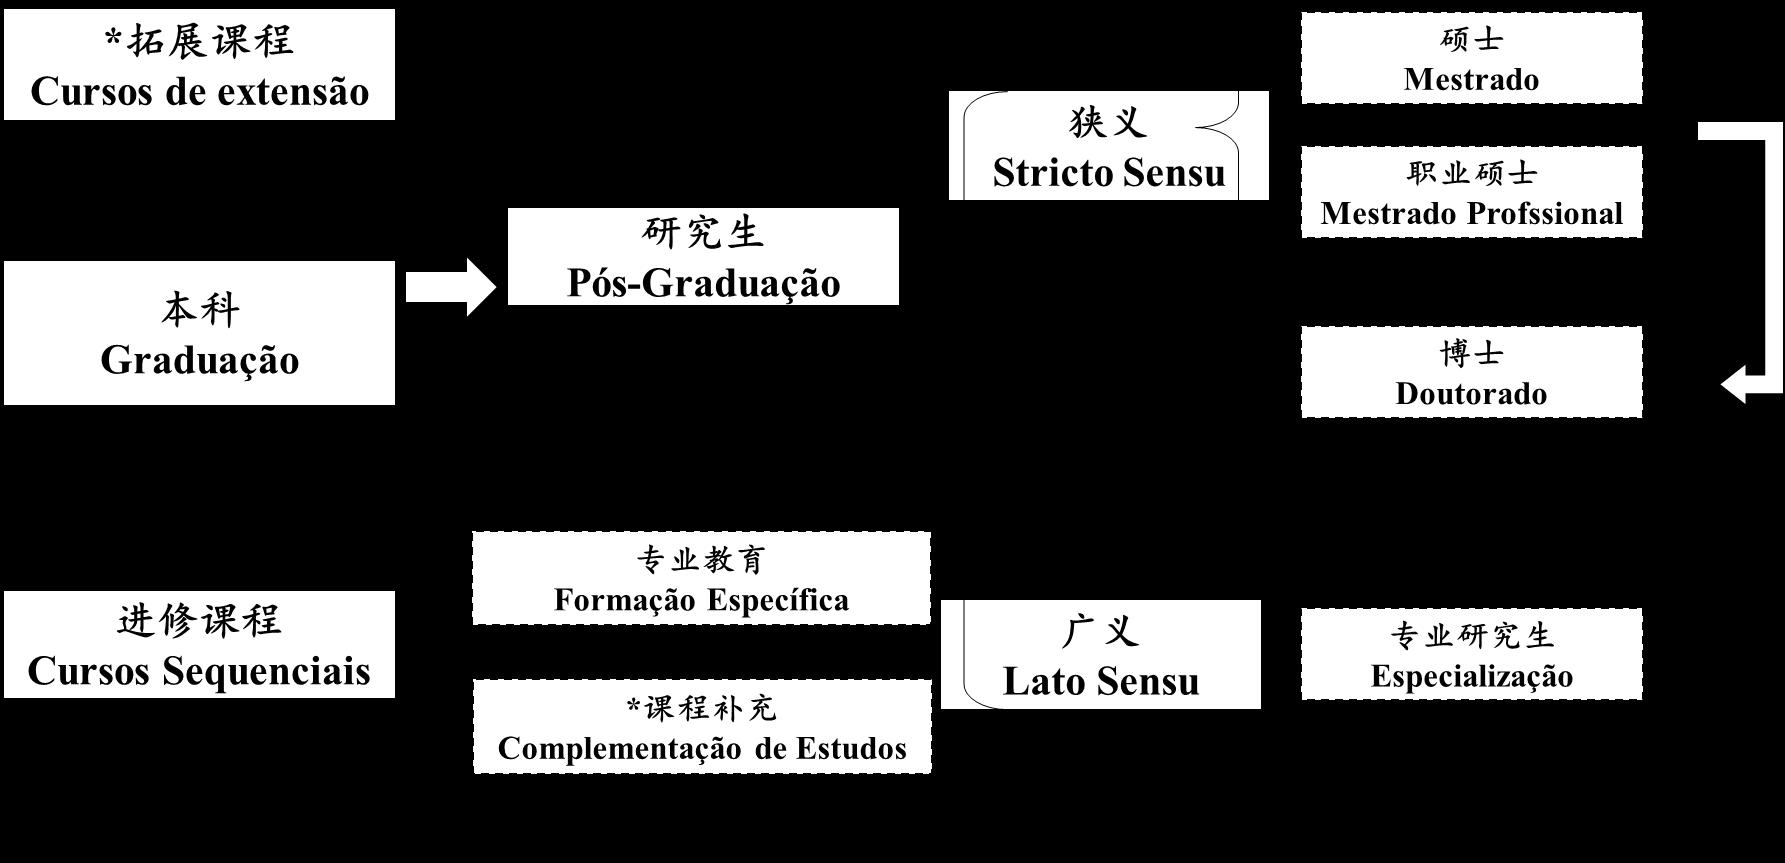 巴西高等教育體系.png